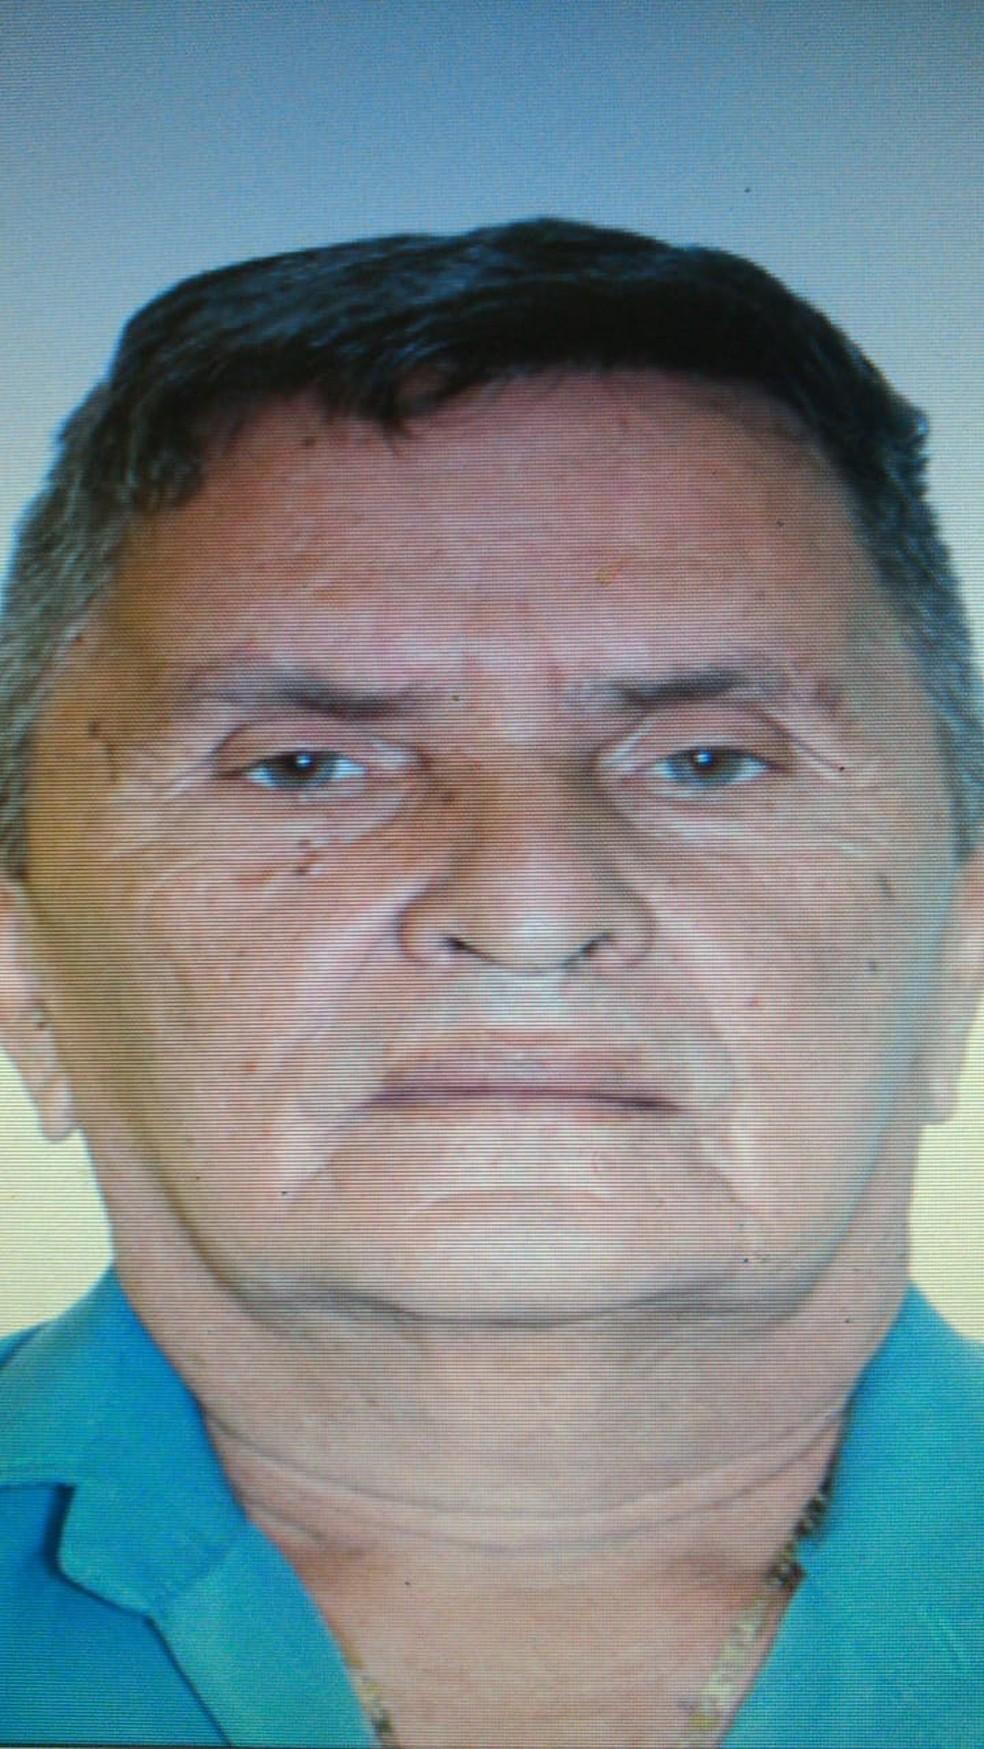 Francisco Jacó Alves, de 66 anos foi encontrado morto em casa— Foto: Foto: Policia Militar/divulgação